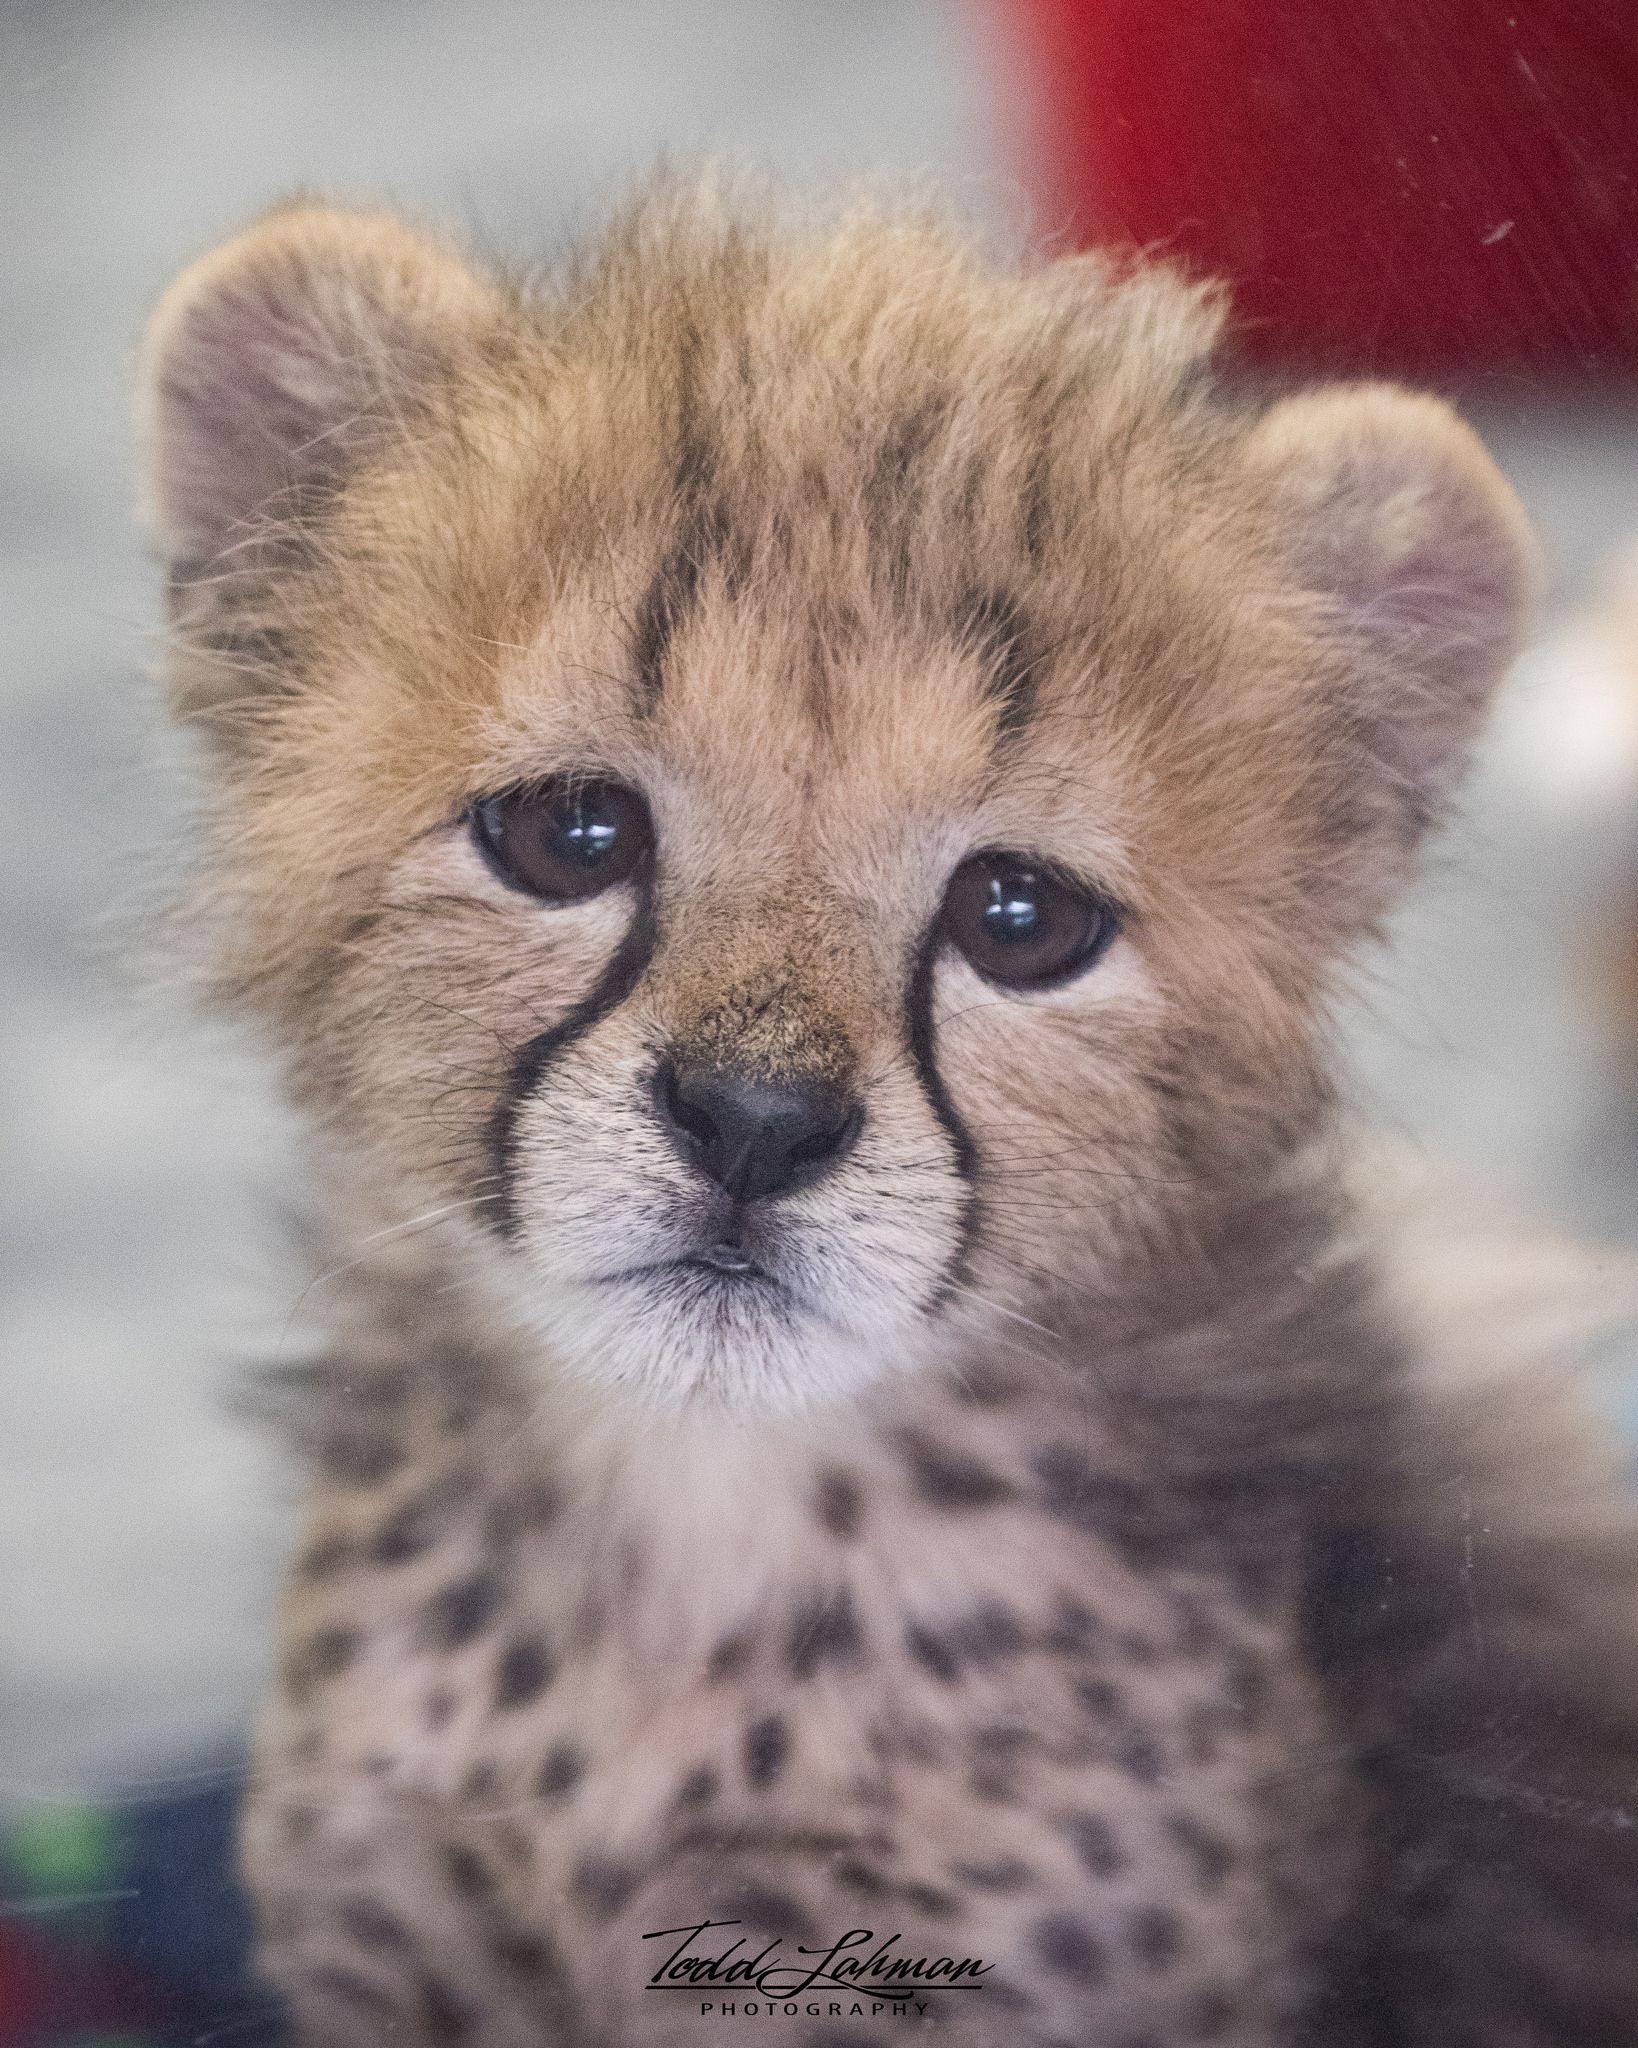 Roketi | Cute baby animals, Cute animals, Animals beautiful